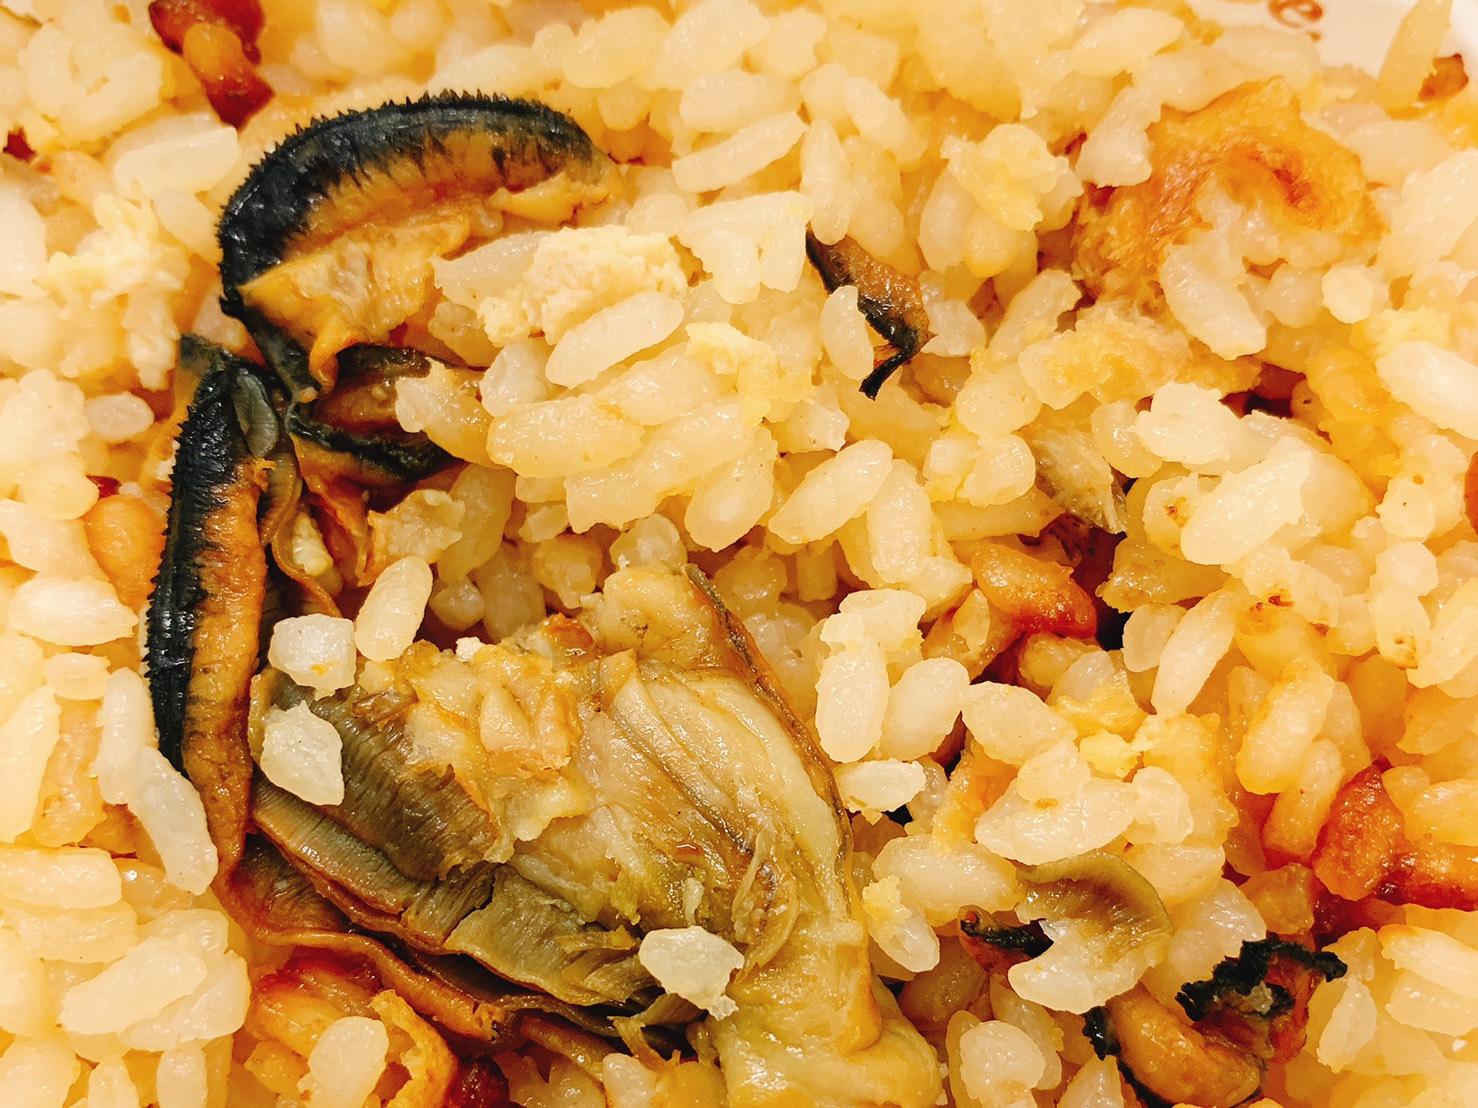 広島名産・海の干しがきでつくる牡蠣飯レシピ